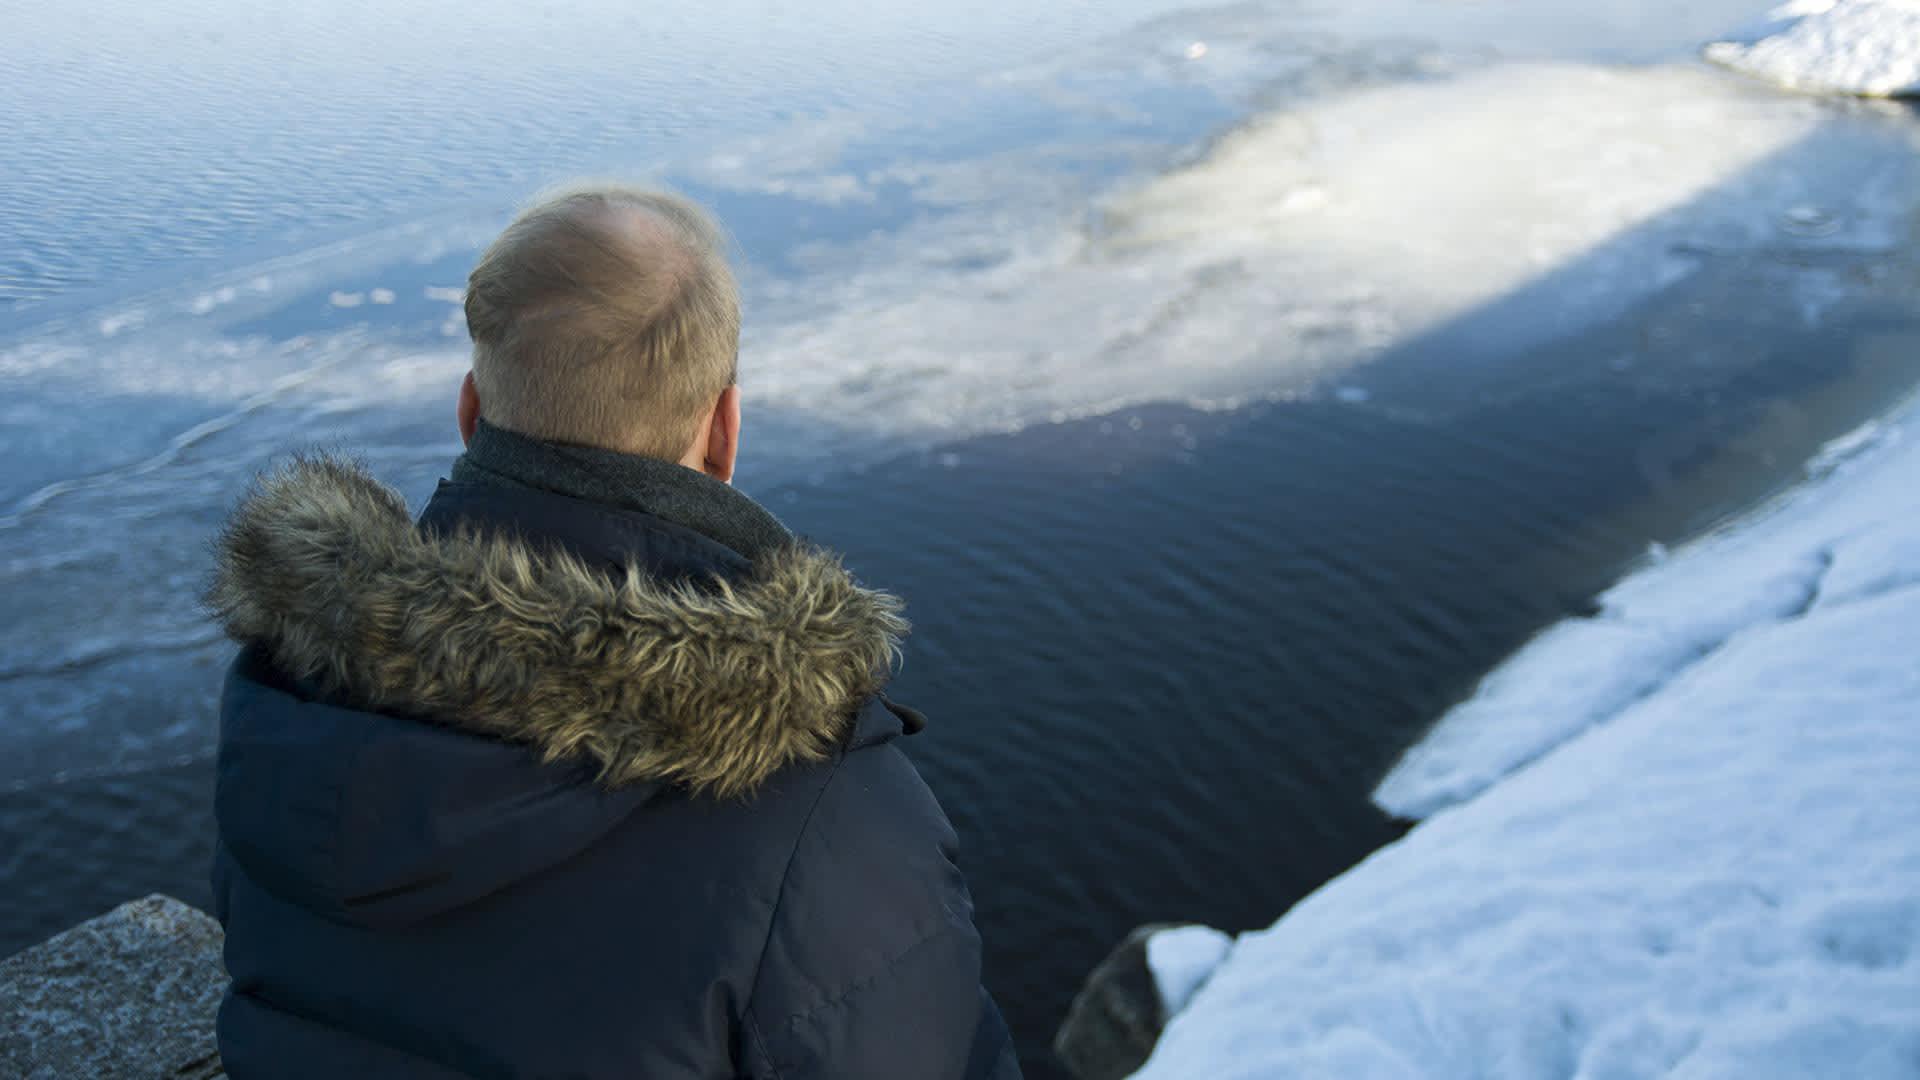 Mies katselee järvelle.